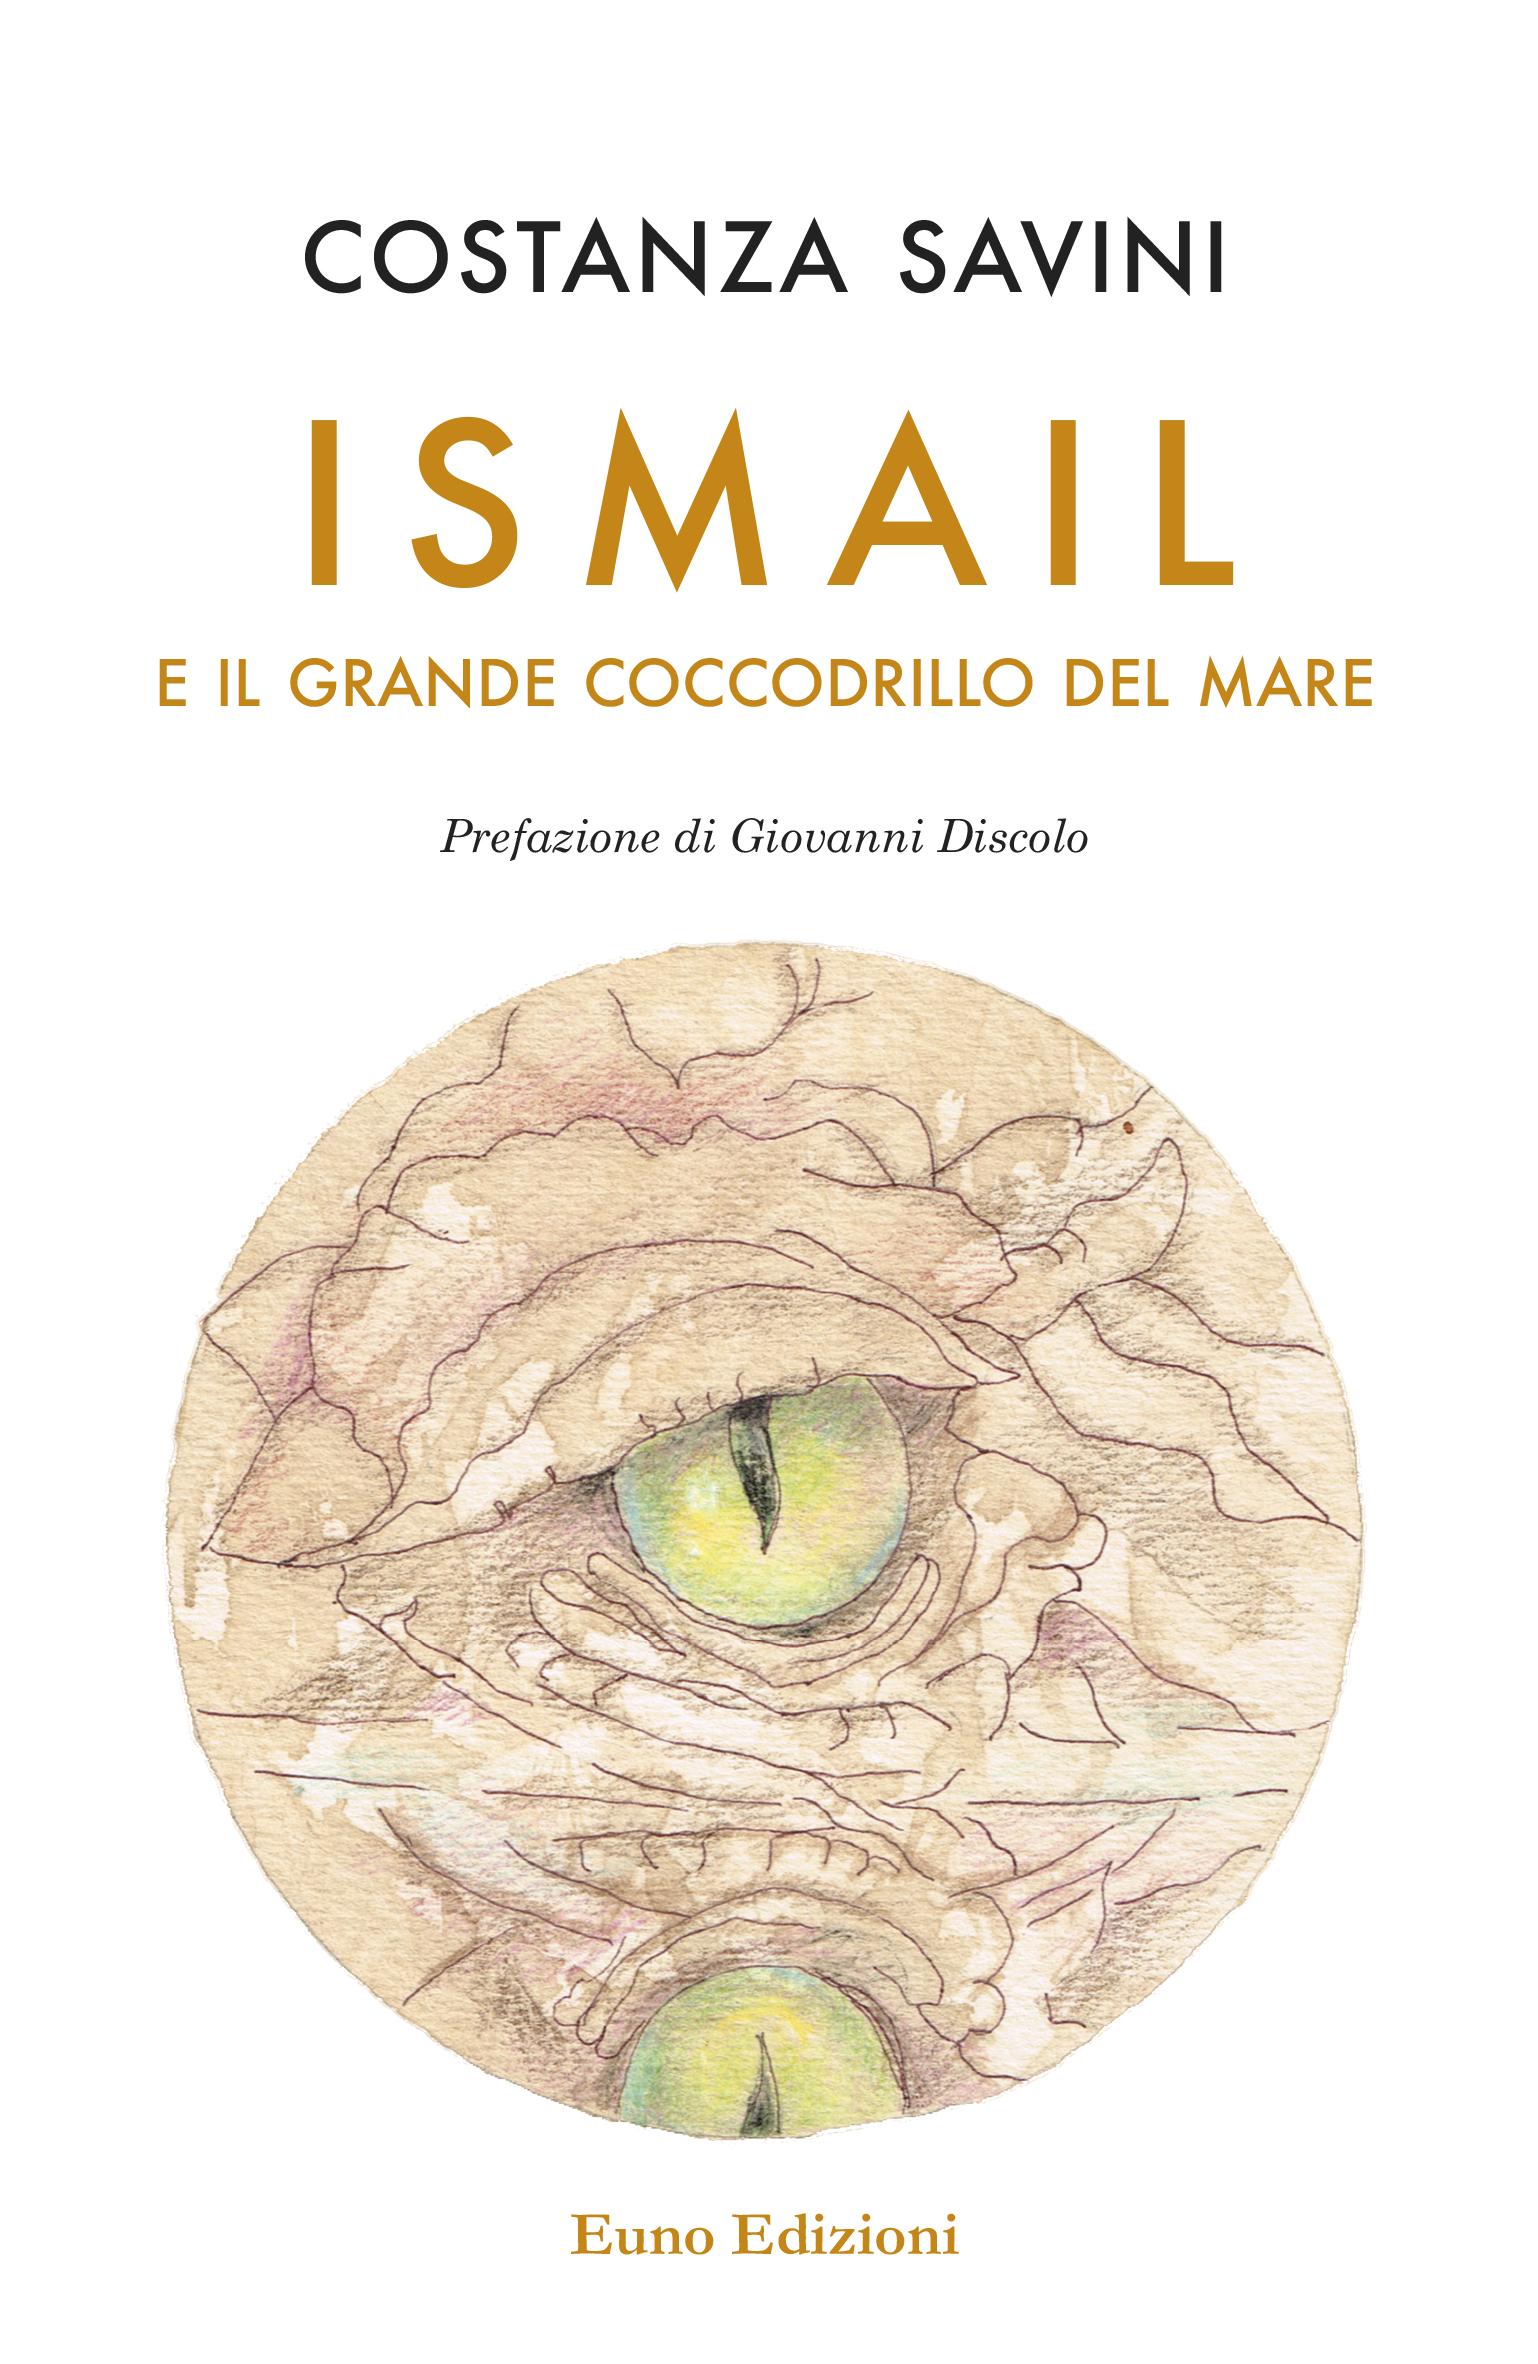 """""""Ismail e il grande coccodrillo del mare"""" di Costanza Savini,  in libreria dal 3 ottobre"""